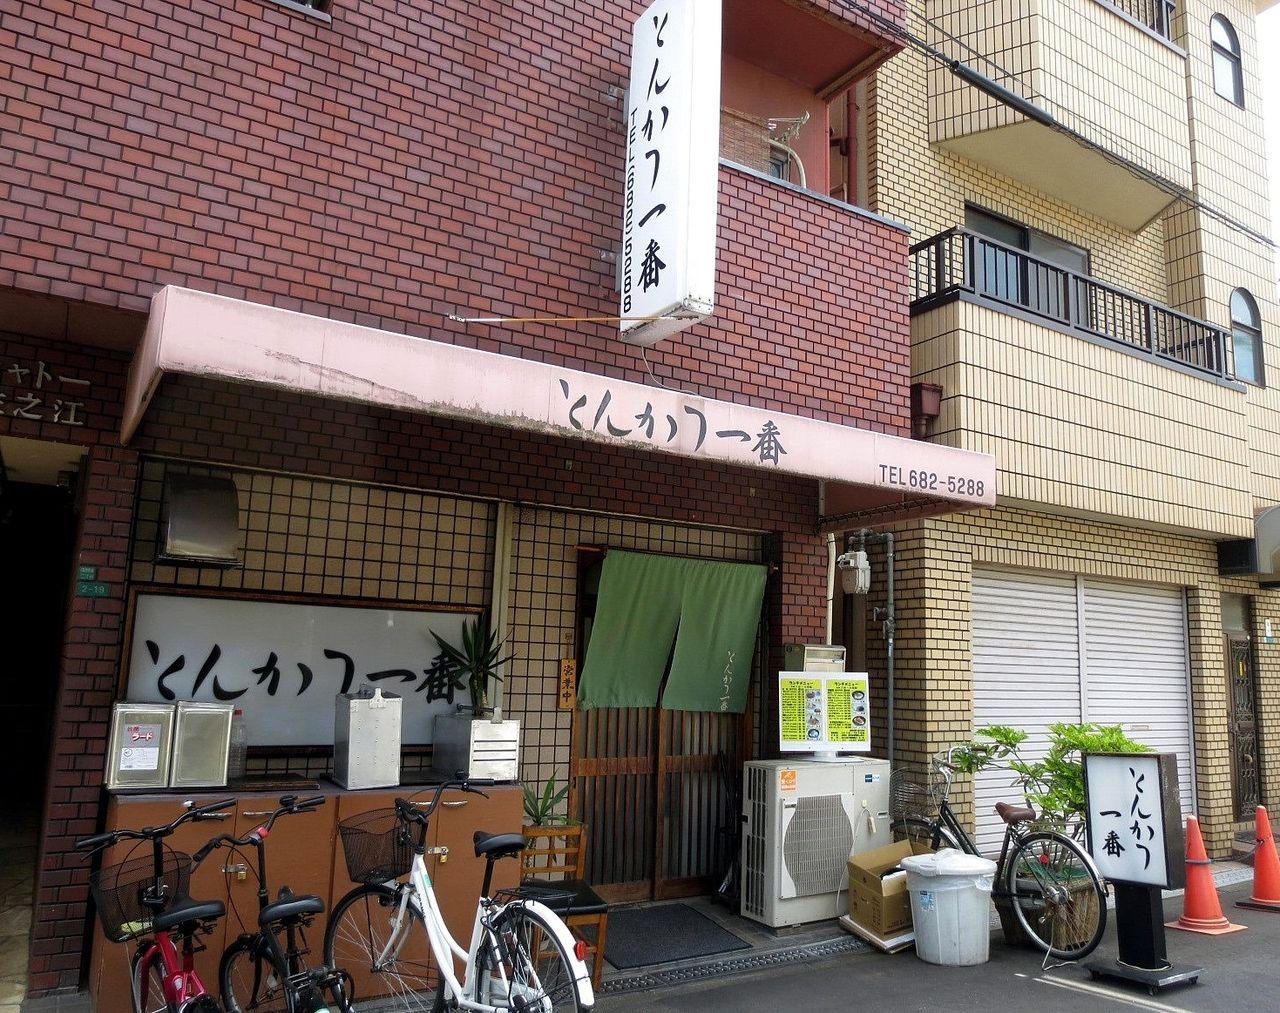 加賀屋商店街の中にあるとんかつ屋さんです。